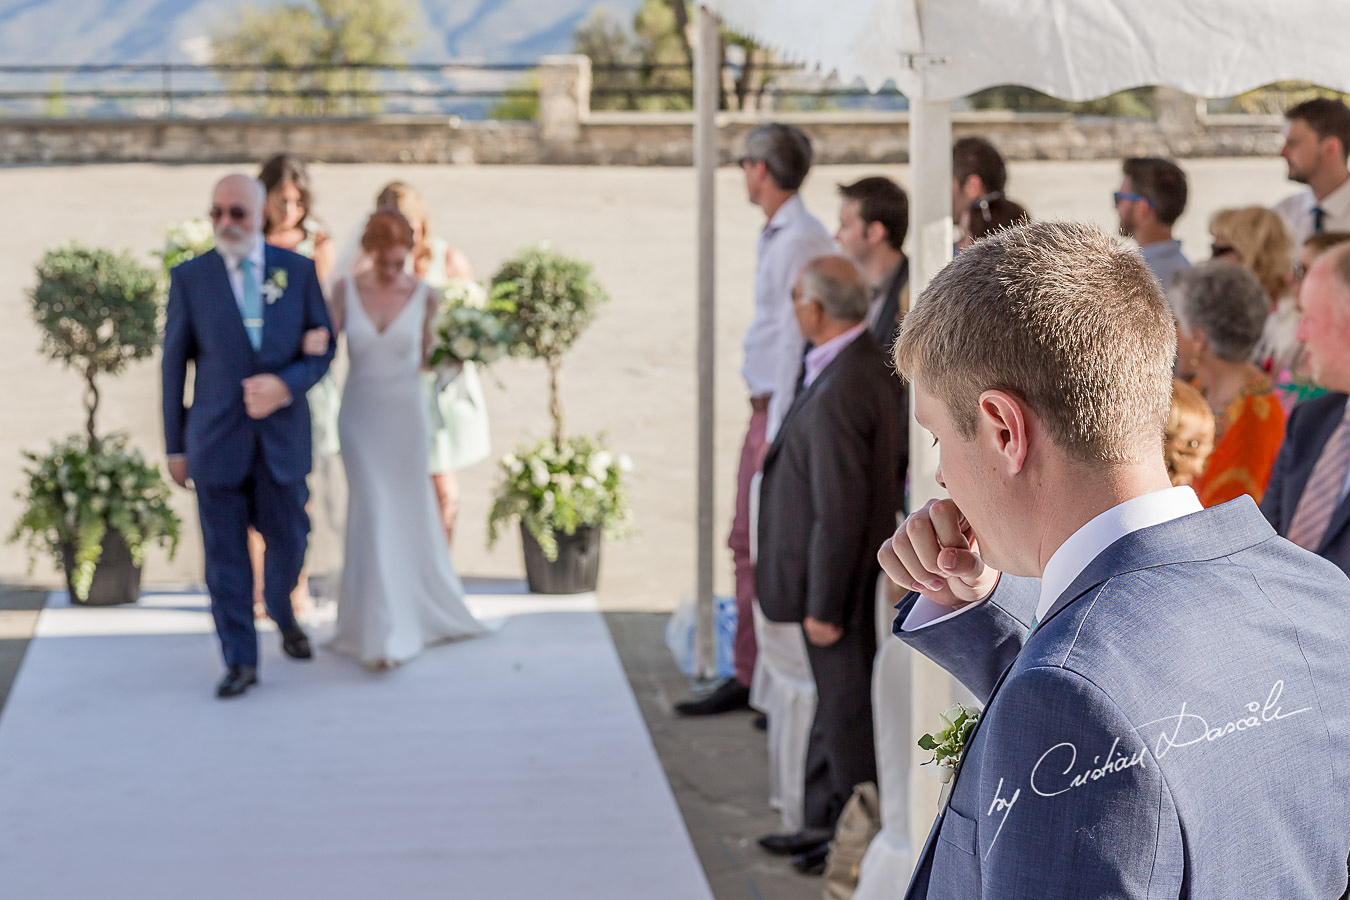 Wedding Celebration at Apokryfo - 38